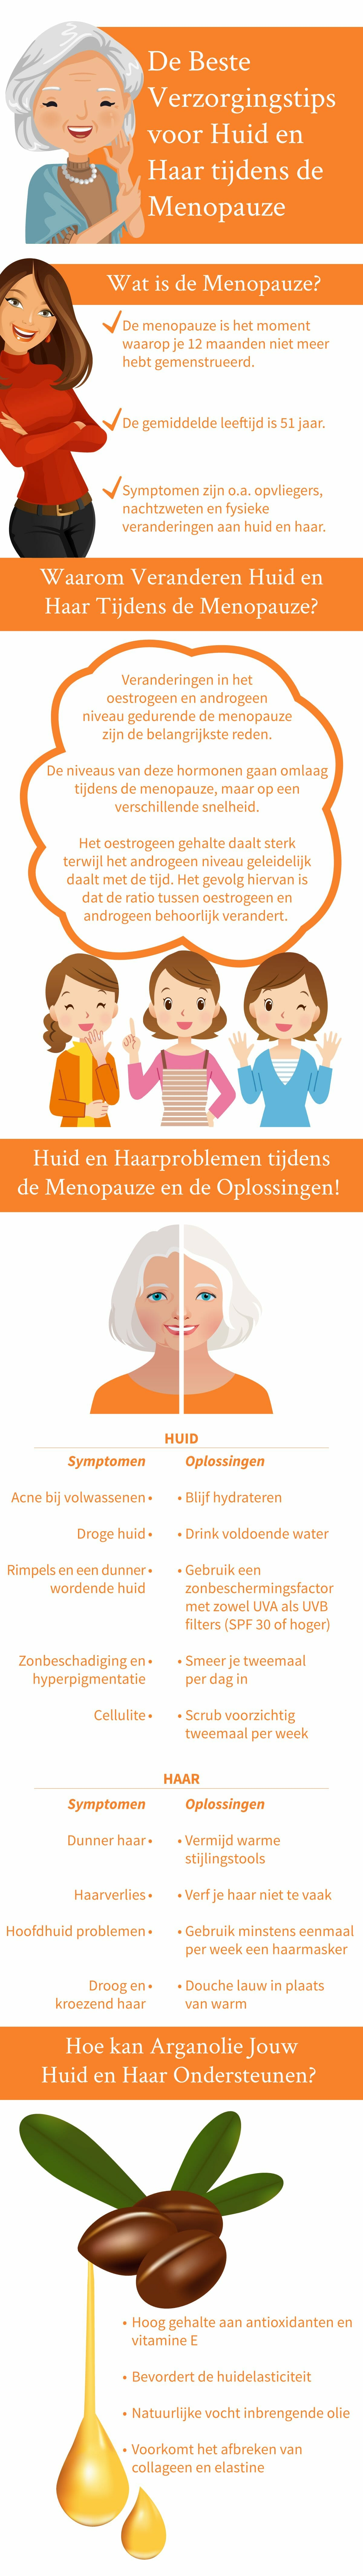 Menopauze infographic